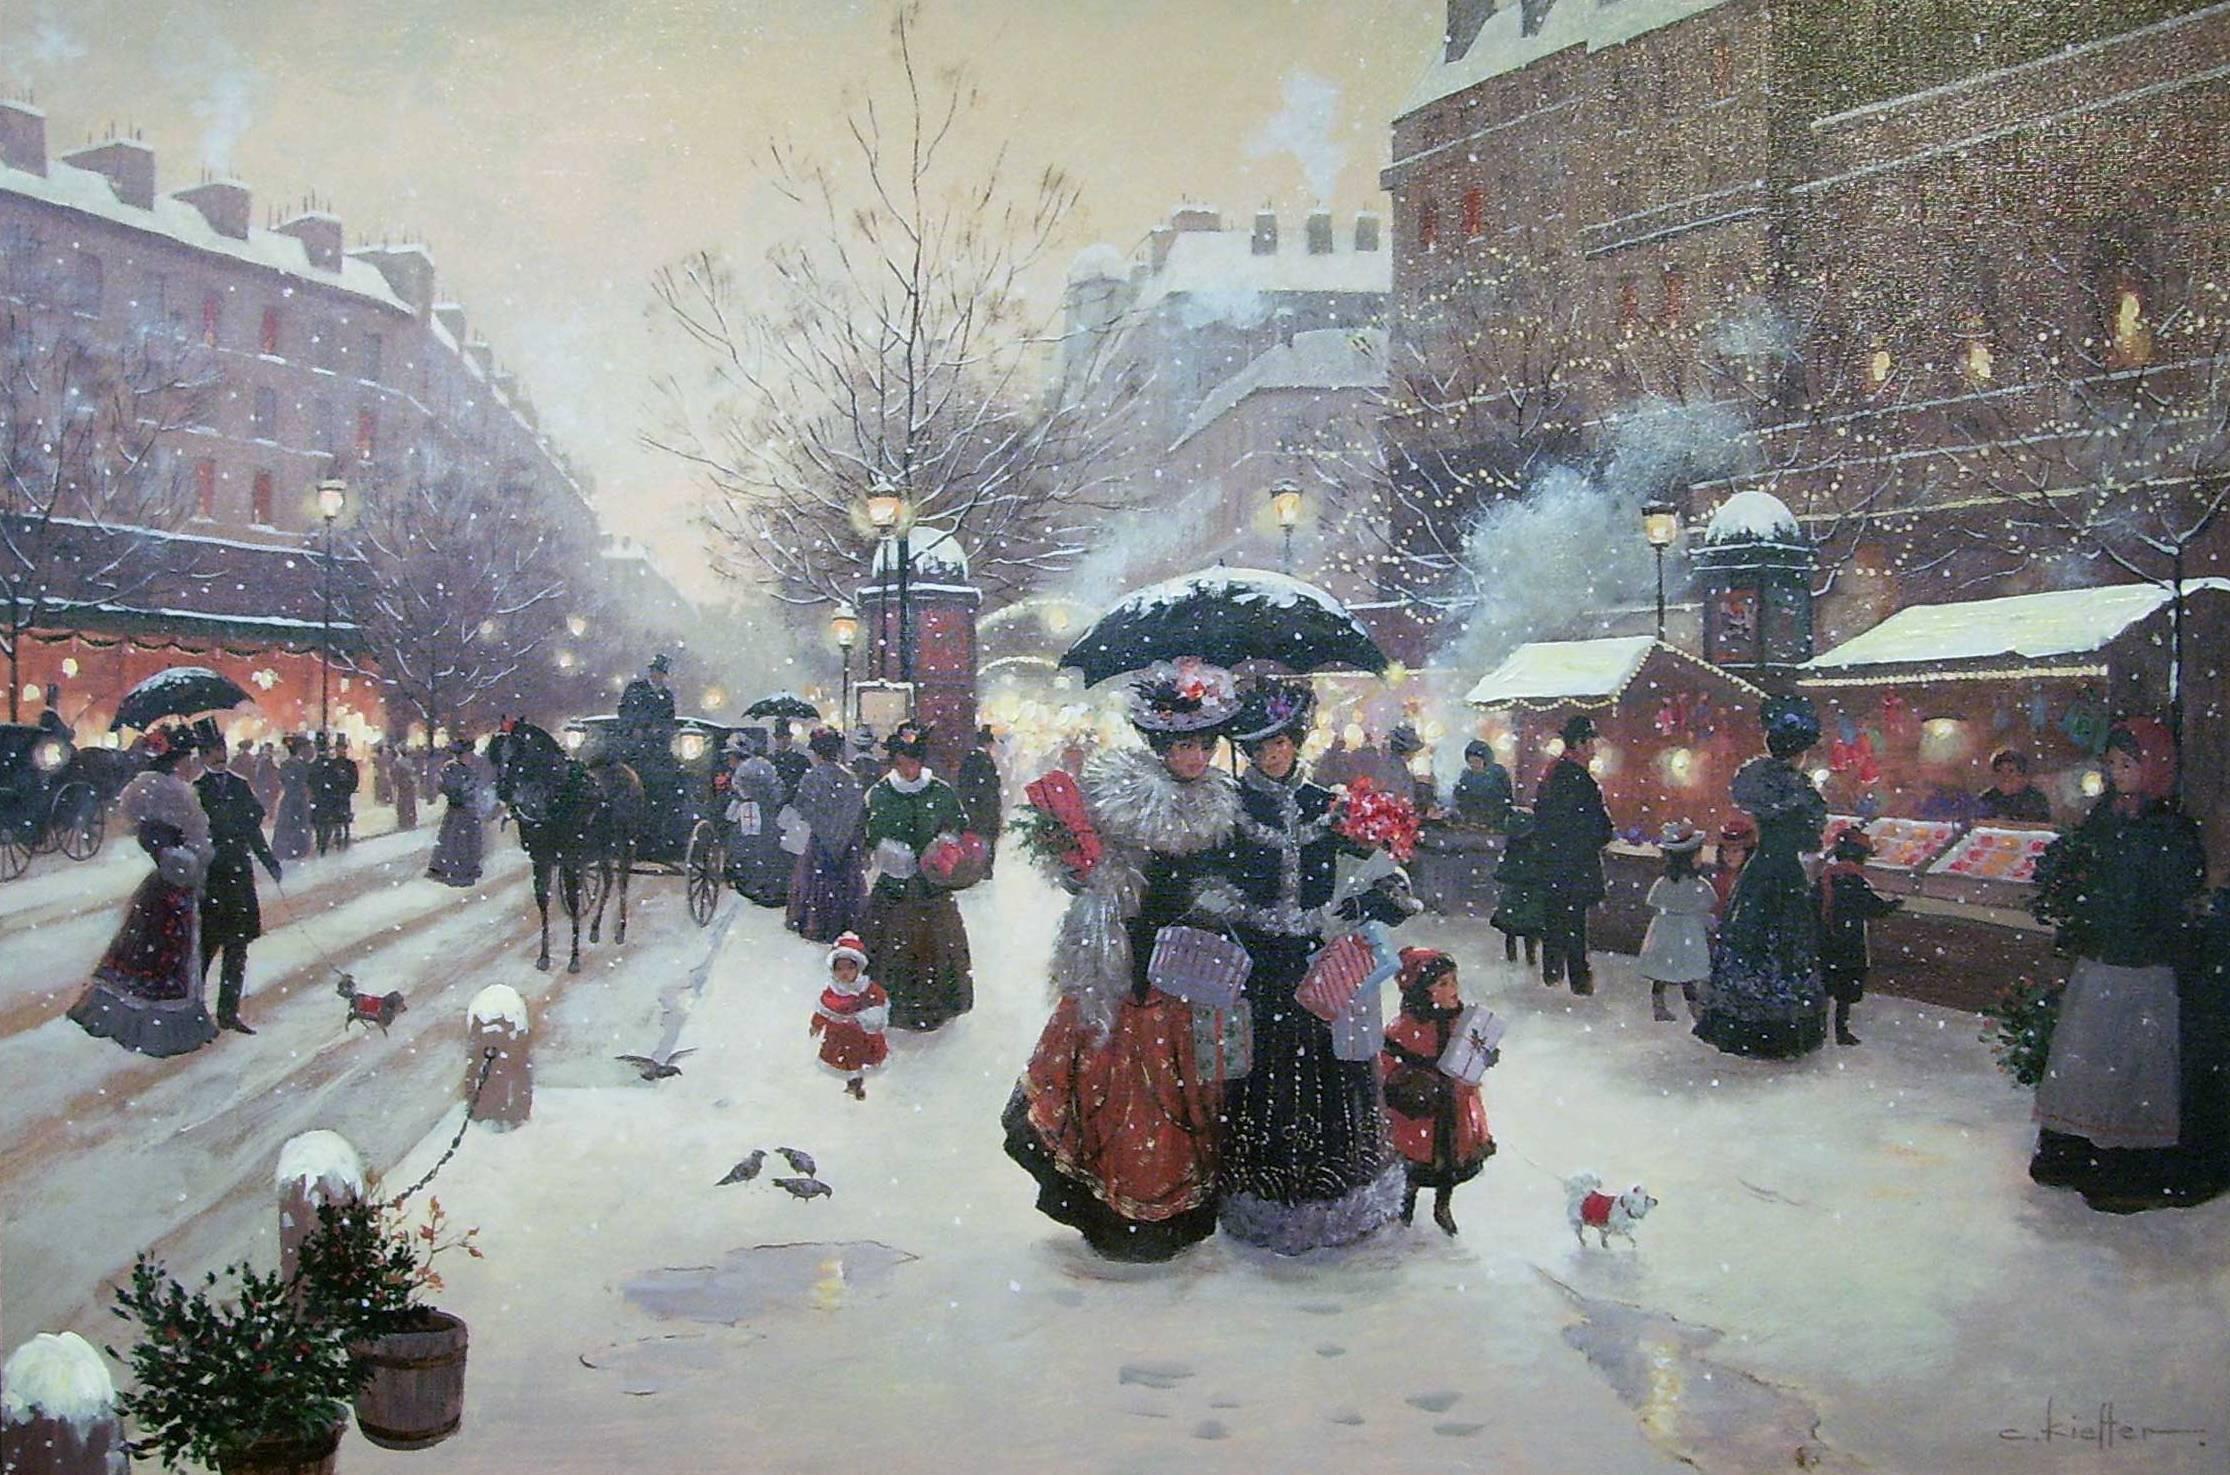 образом, открытка рождество в париже должно